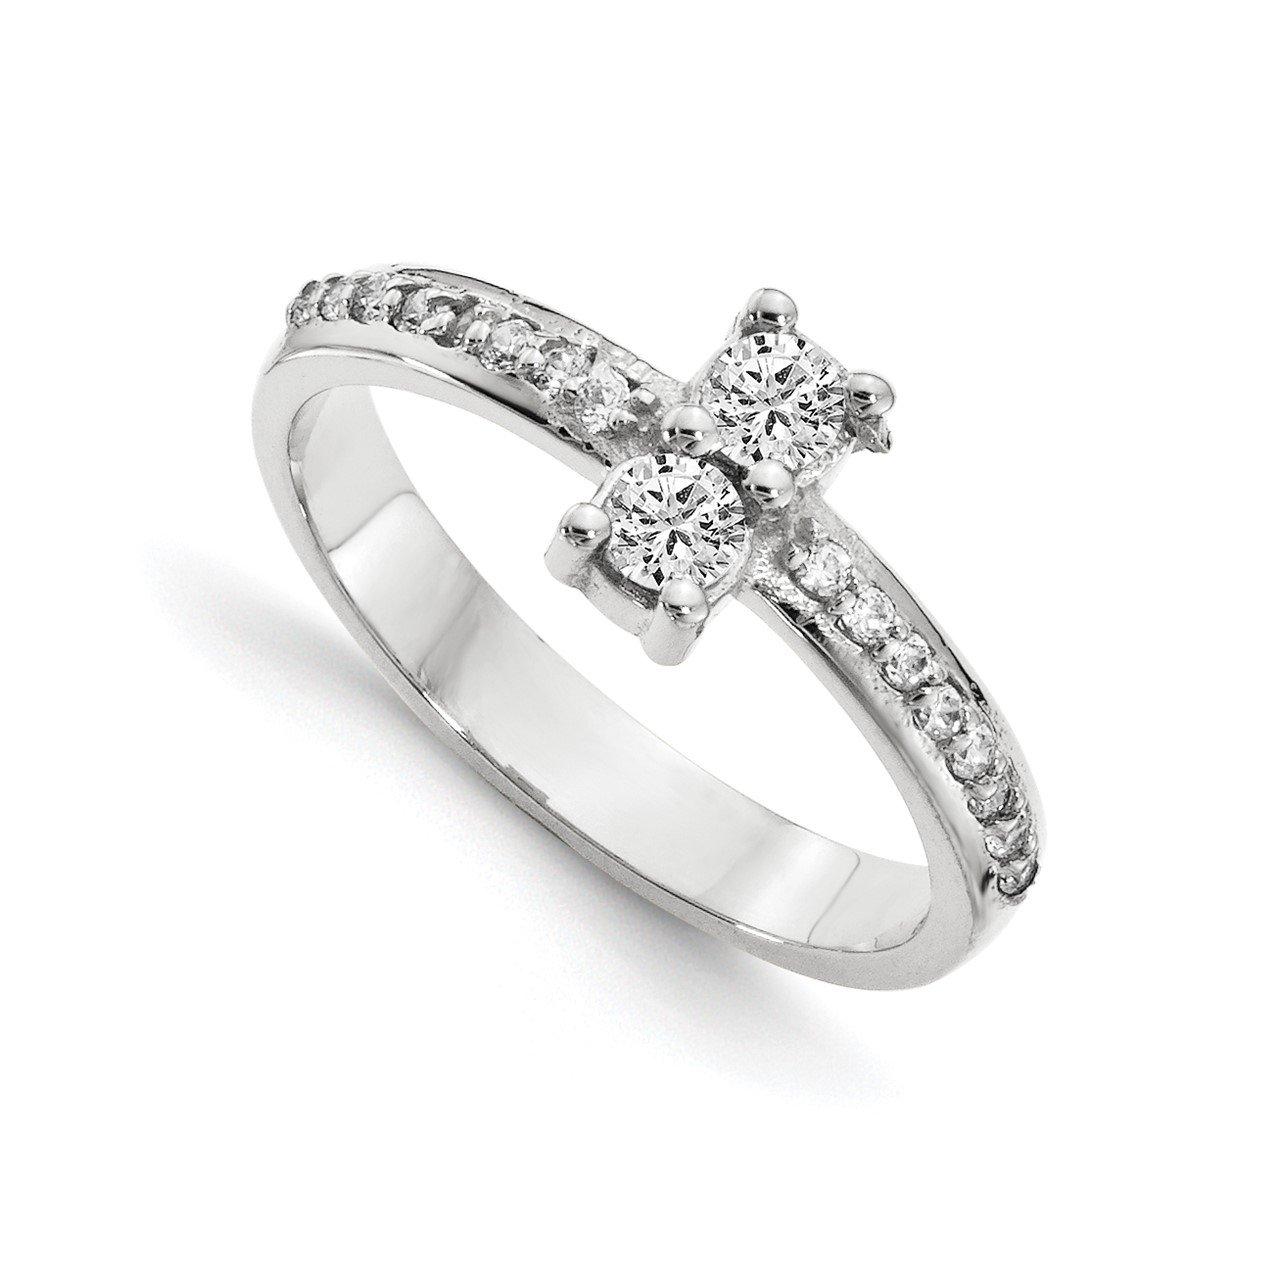 14KW AAA Diamond 2-stone Ring Semi-Mount - 3.1 mm center stones